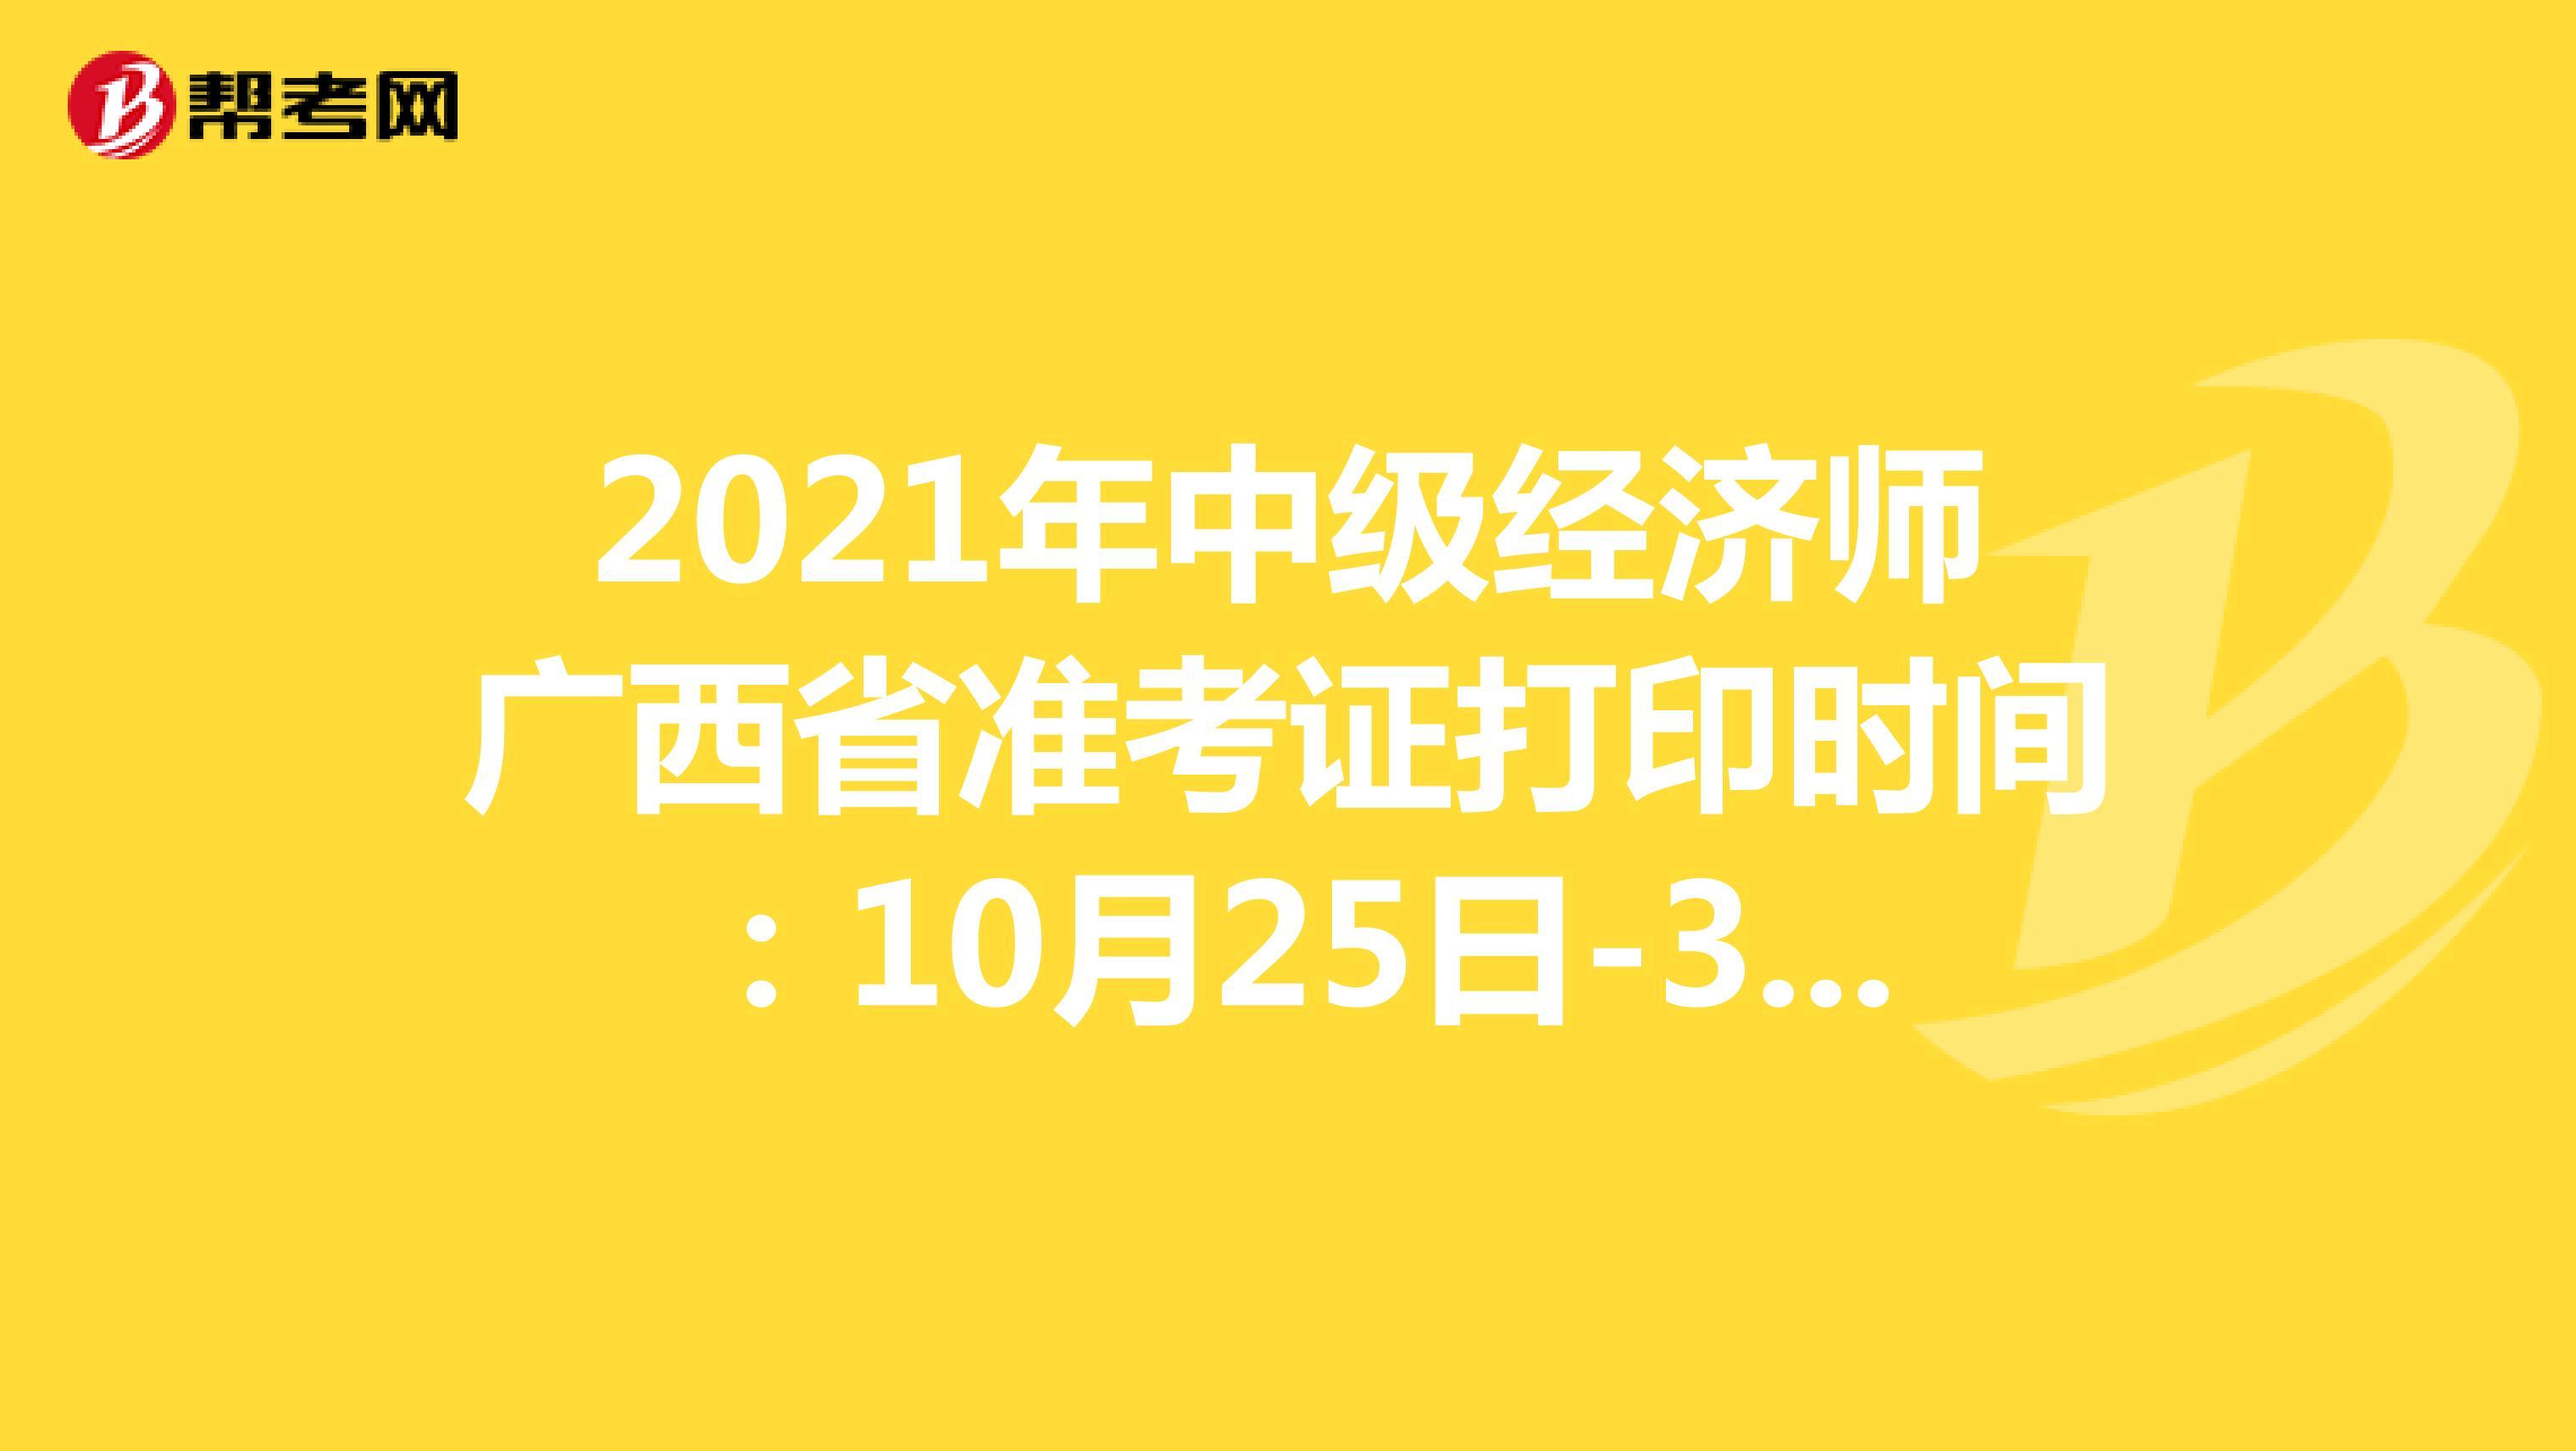 2021年(hot88电竞官网)中级经济师广西省准考证打印时间:10月25日-31日!